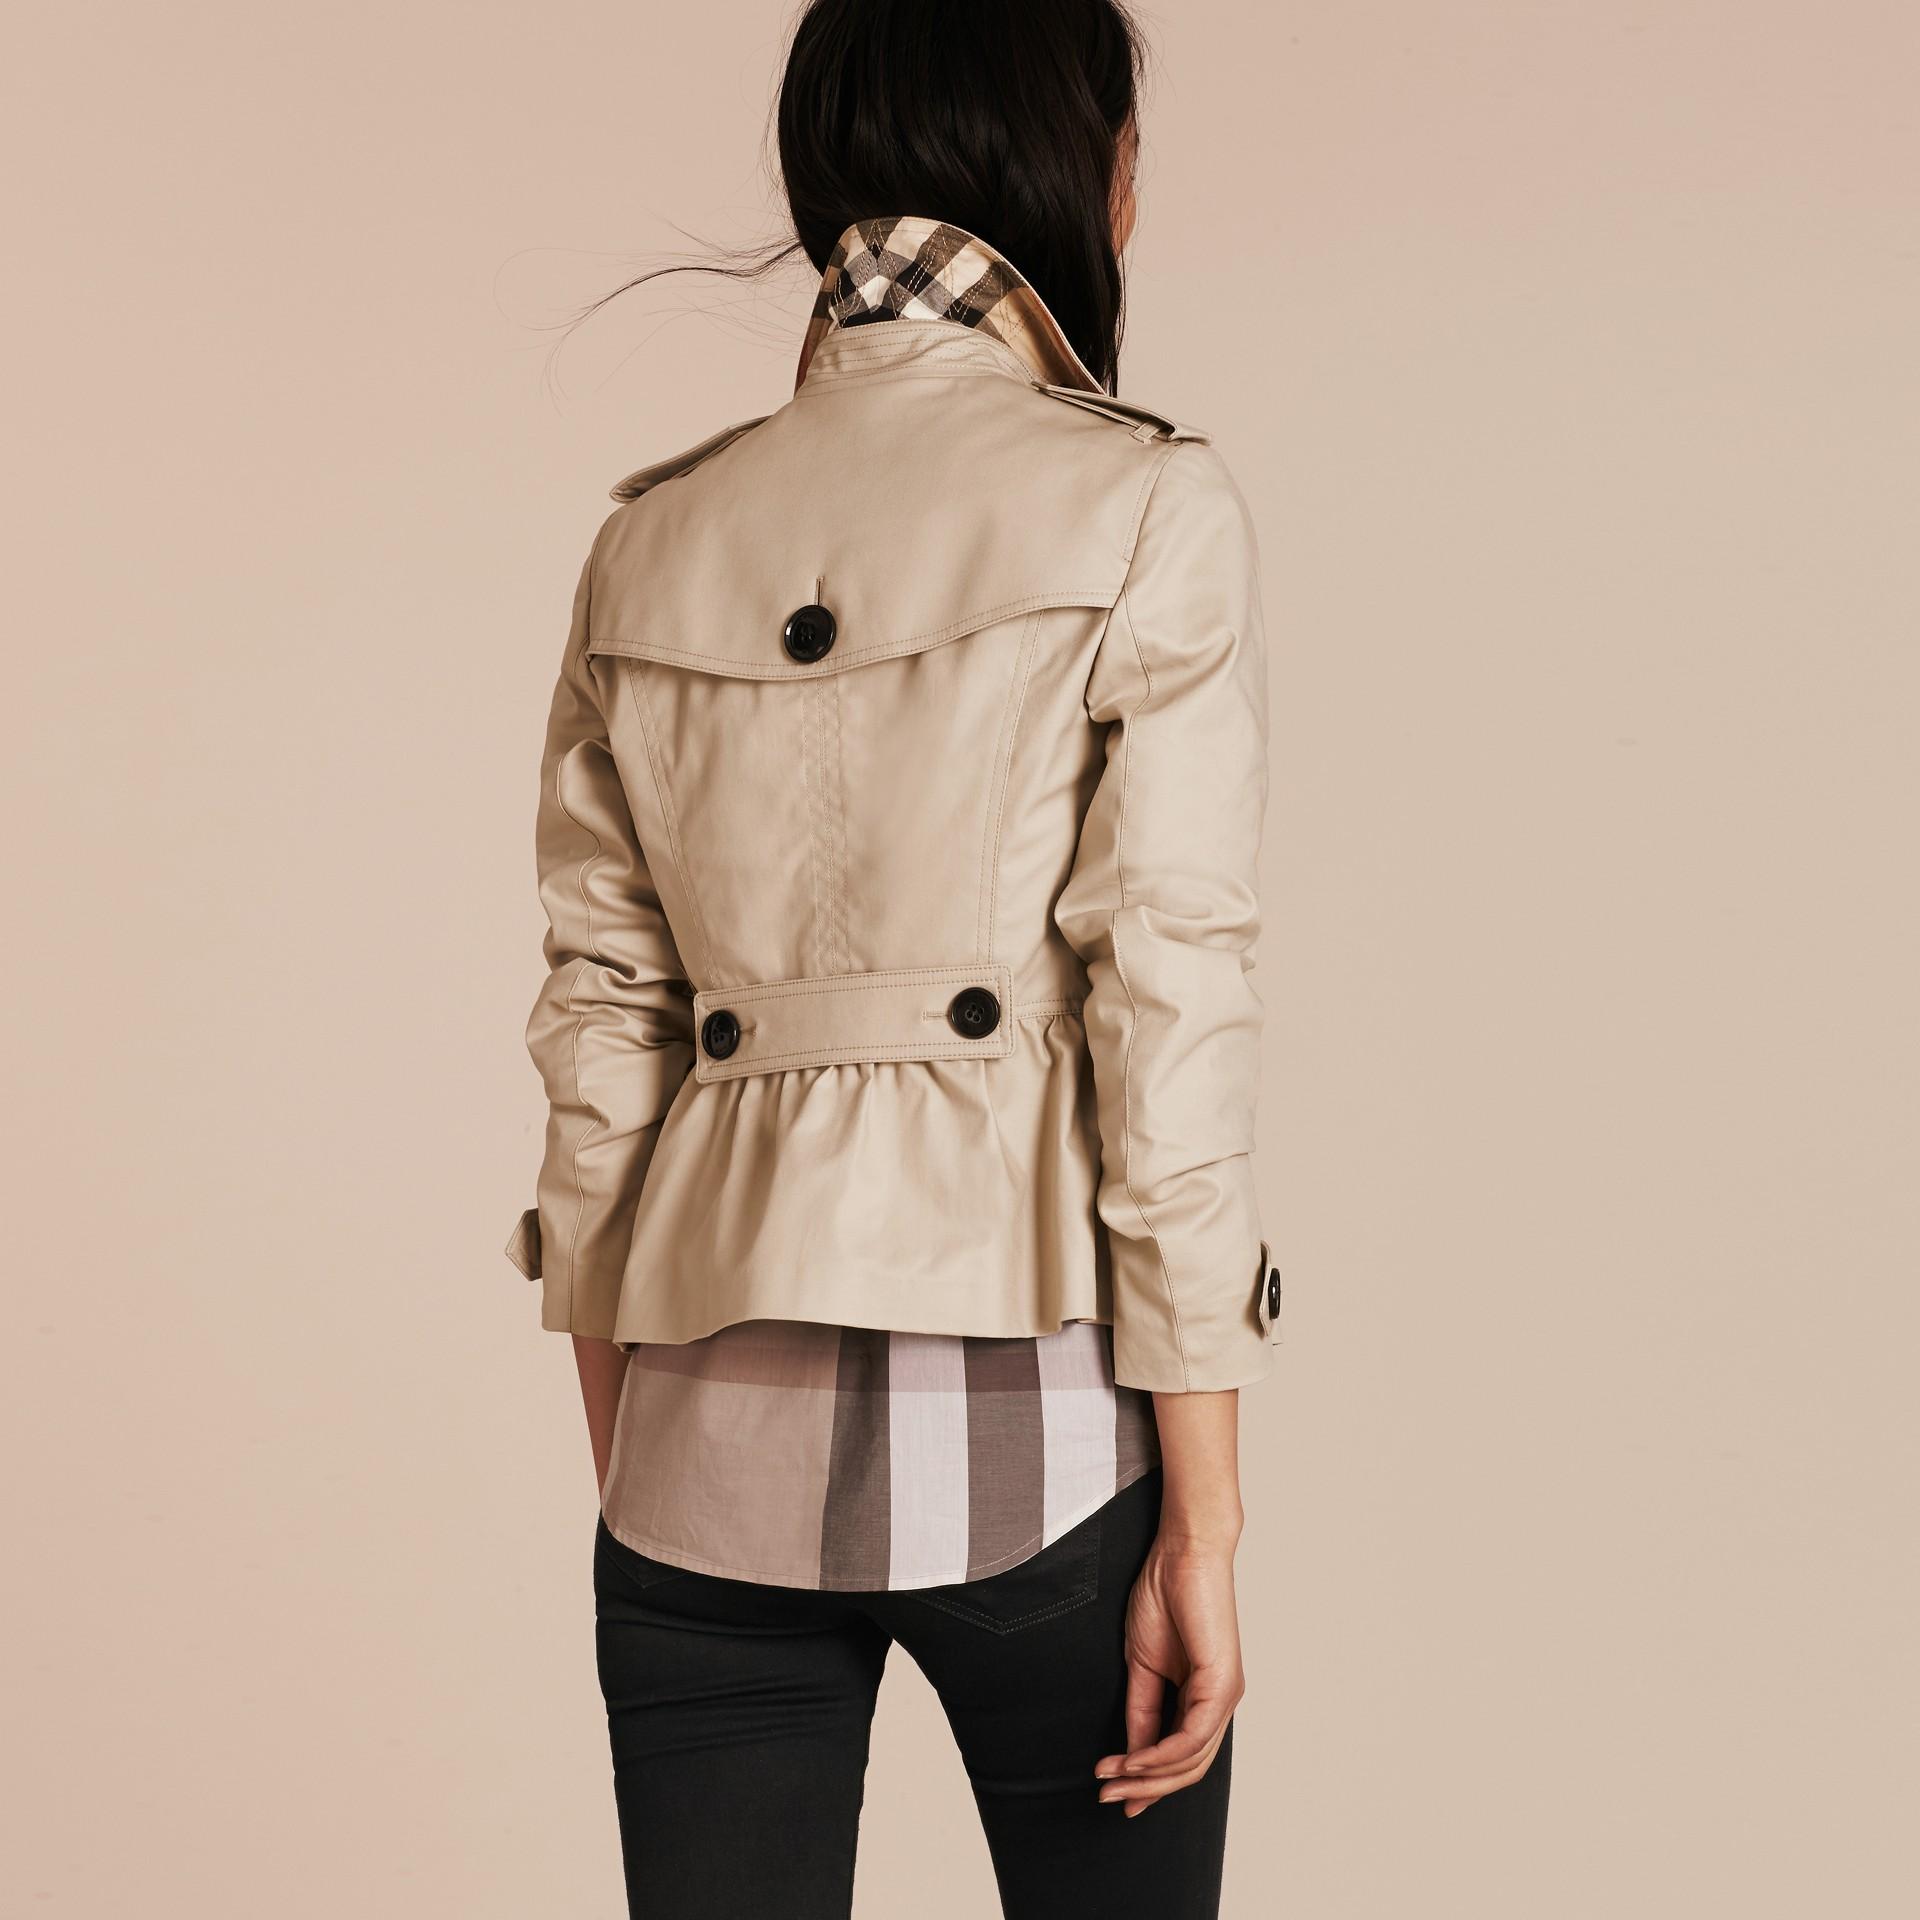 Камень Куртка-тренч из эластичного хлопка - изображение 3